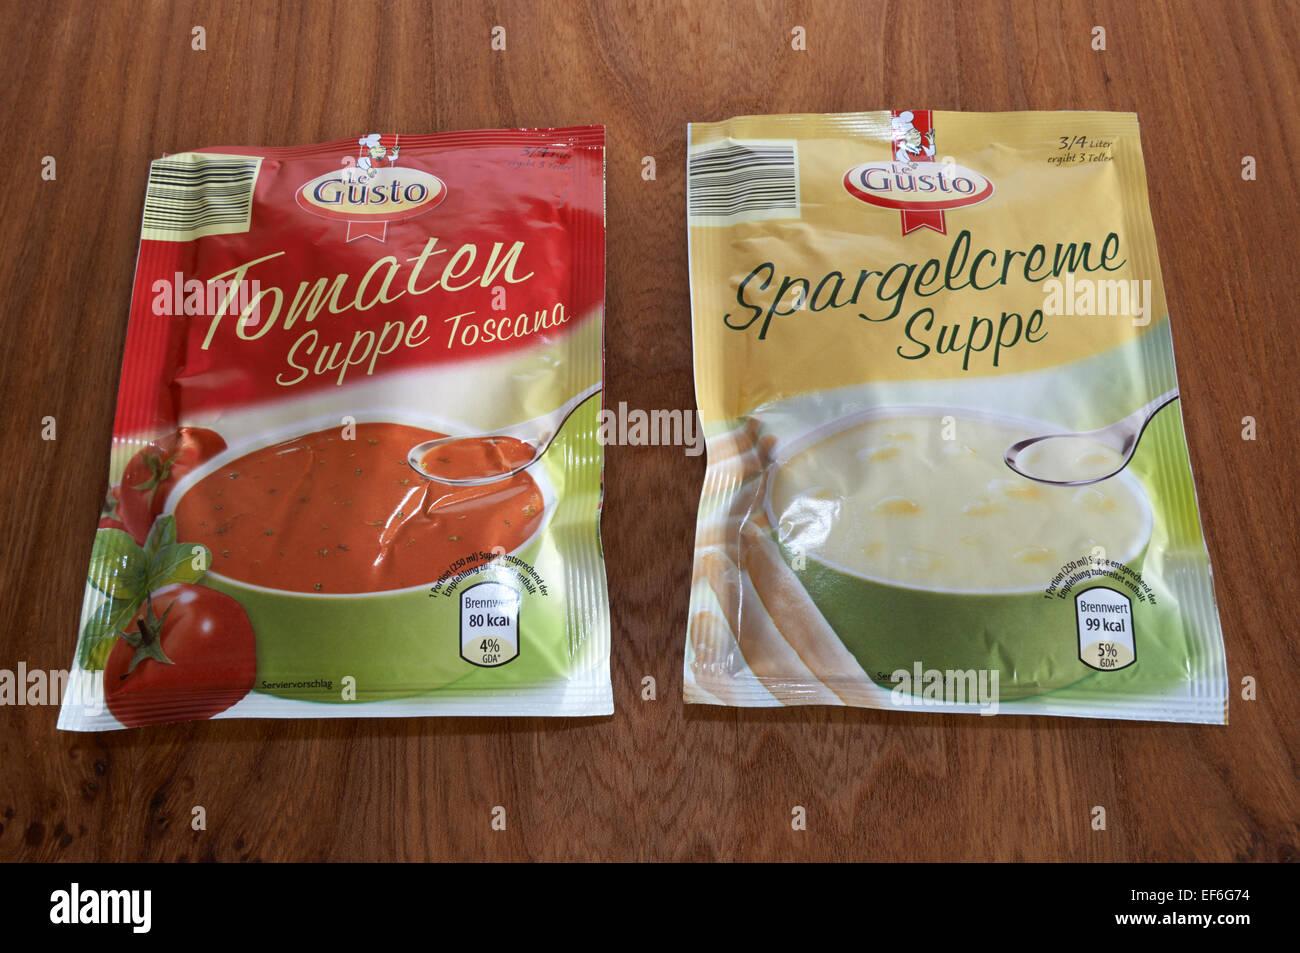 Le Gusto zuppe di pacchetto Immagini Stock